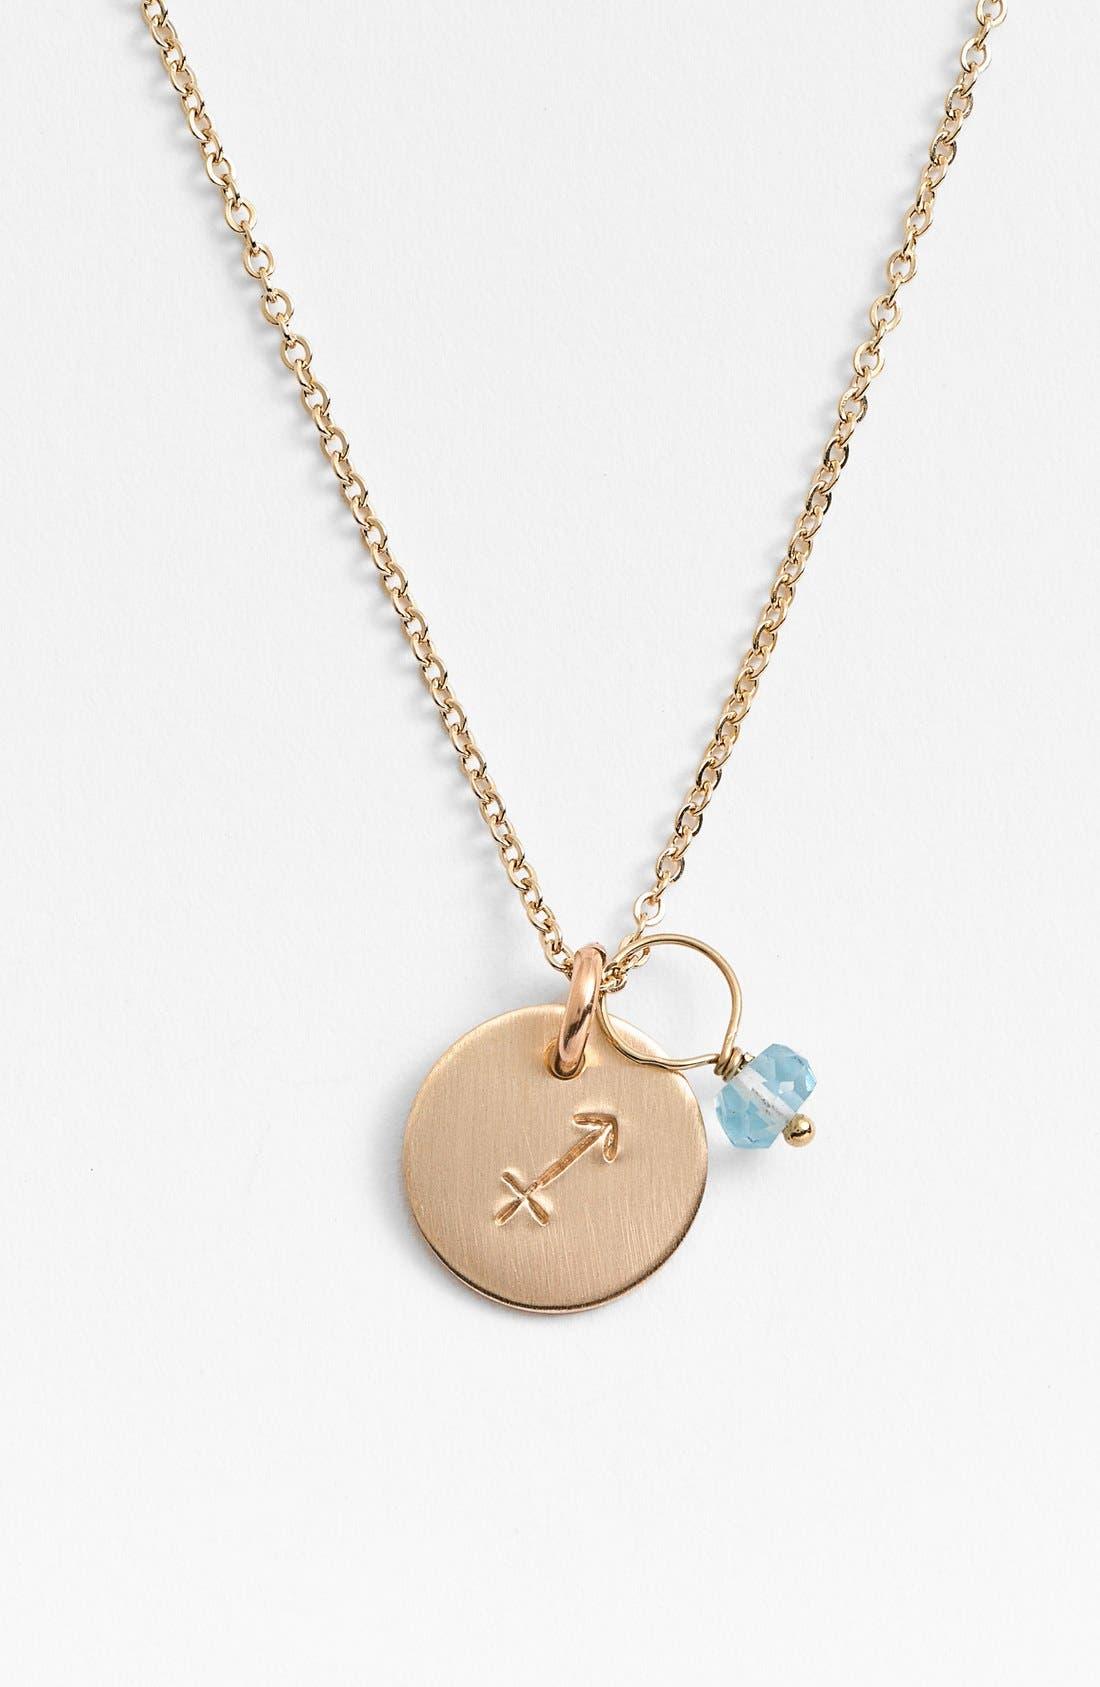 14k-Gold Fill & Semiprecious Birthstone Zodiac Mini Disc Necklace,                         Main,                         color, Sagittarius